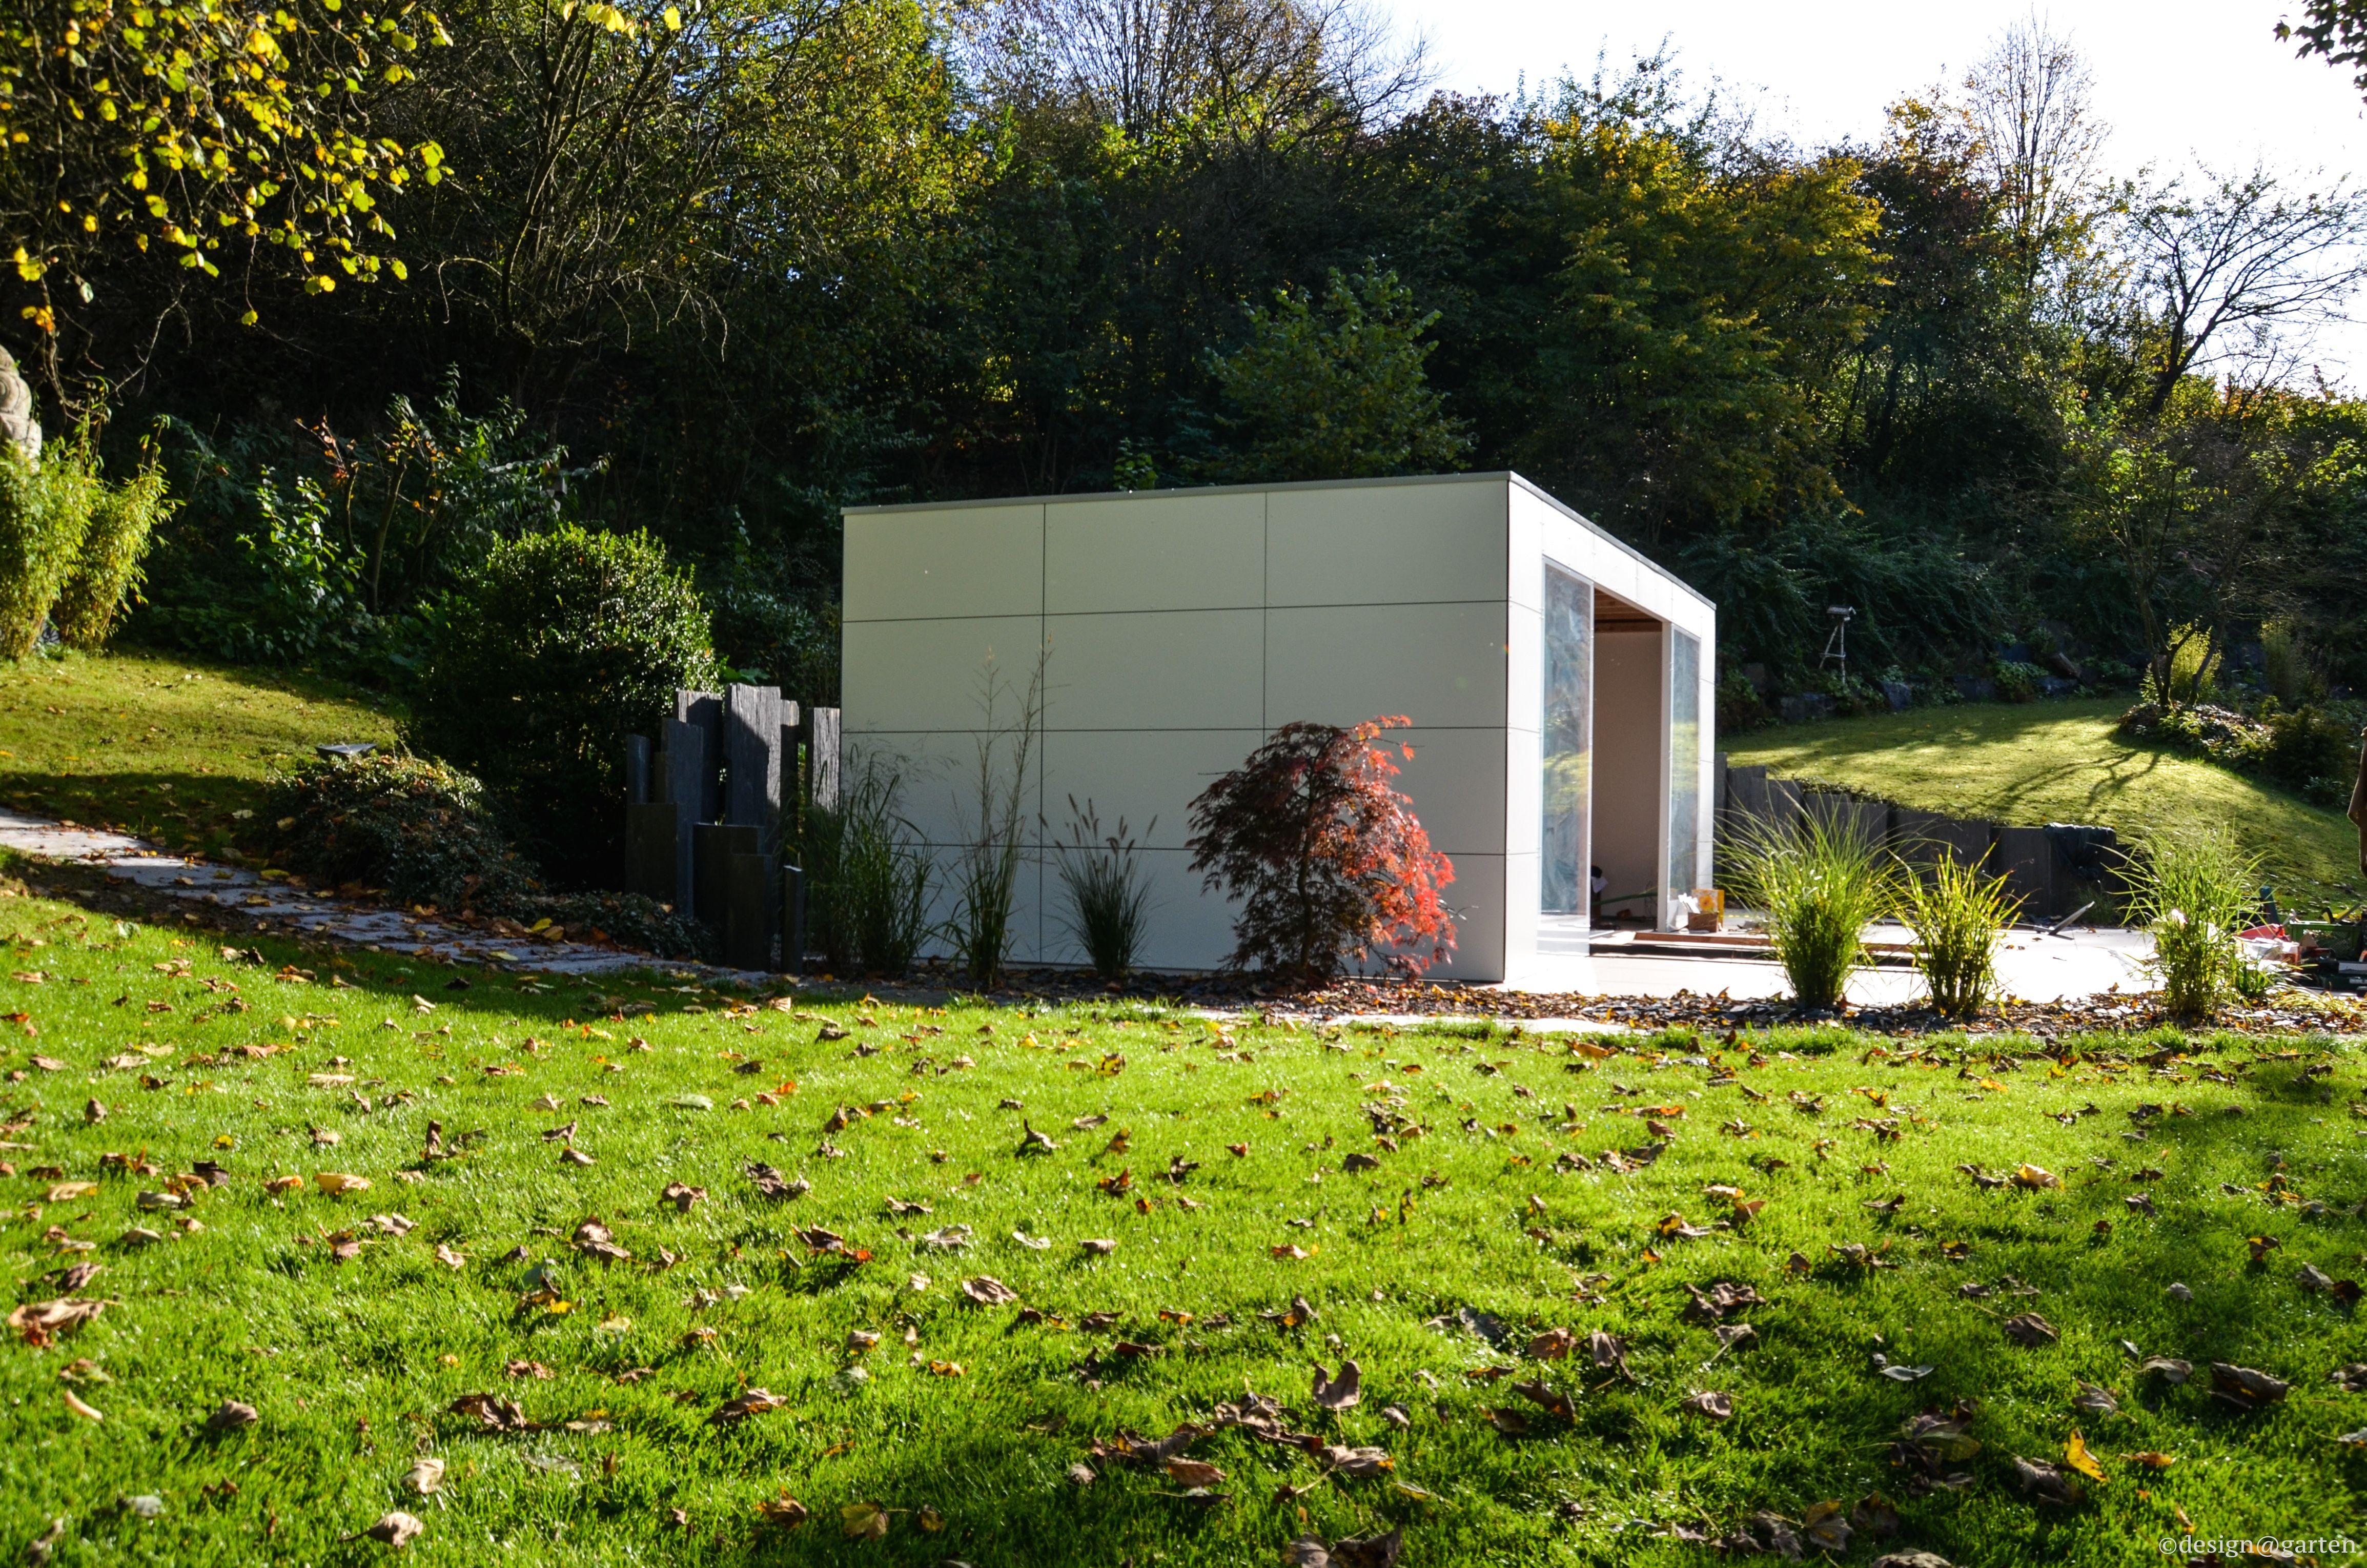 Outdoor Küche Gartenhaus : Design gartenhaus gart lounge outdoorküche gartenhaus shed